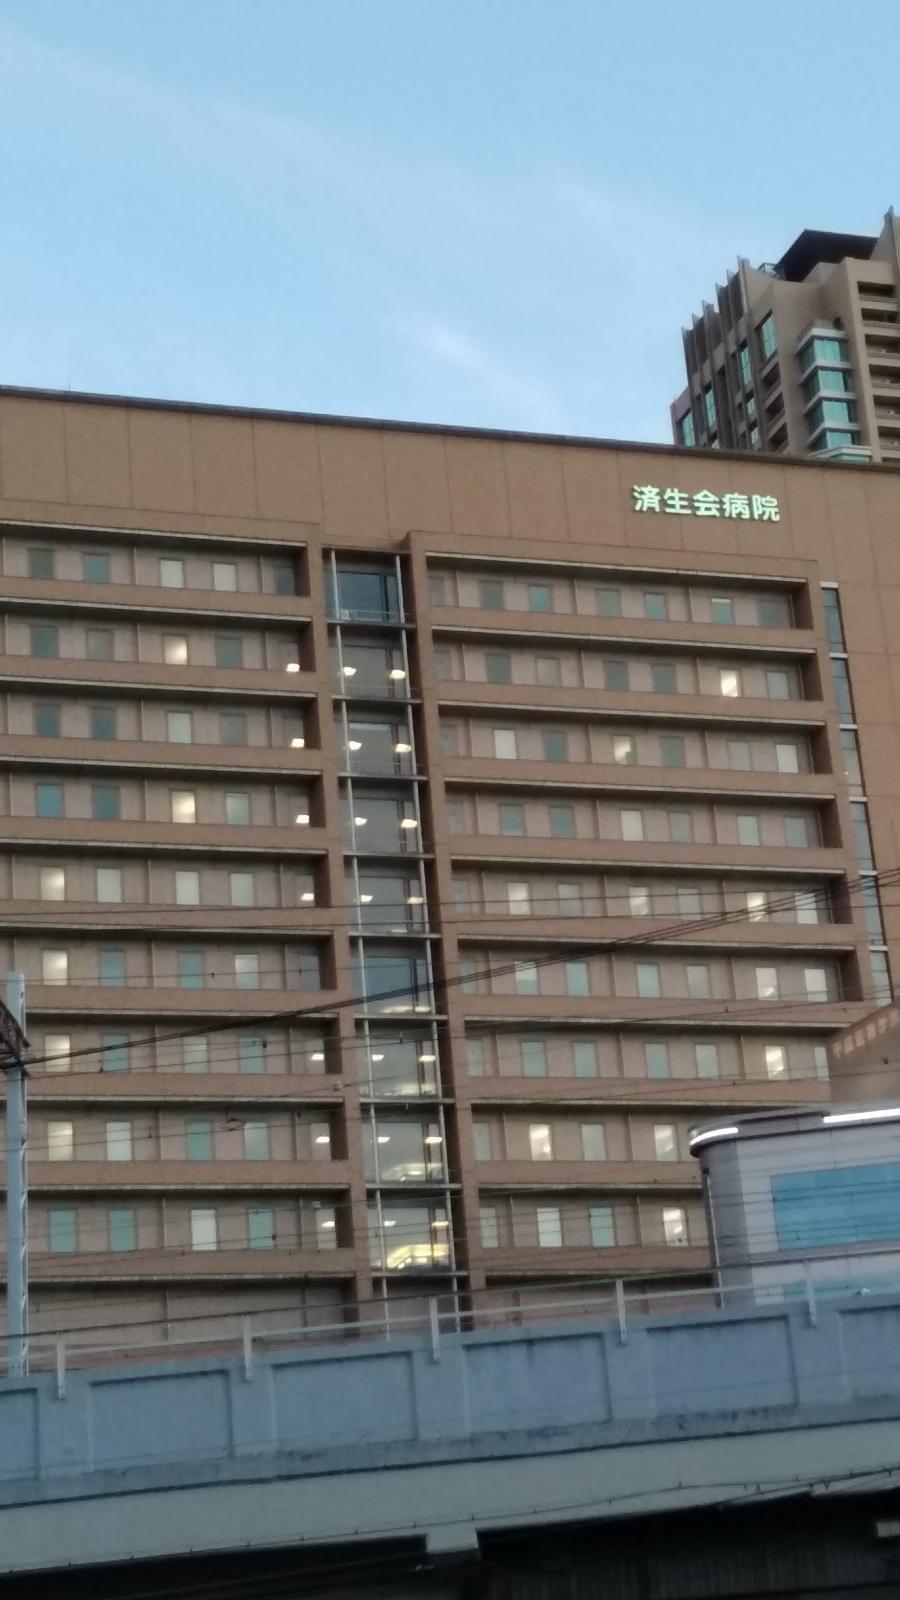 病院 済生会 中津